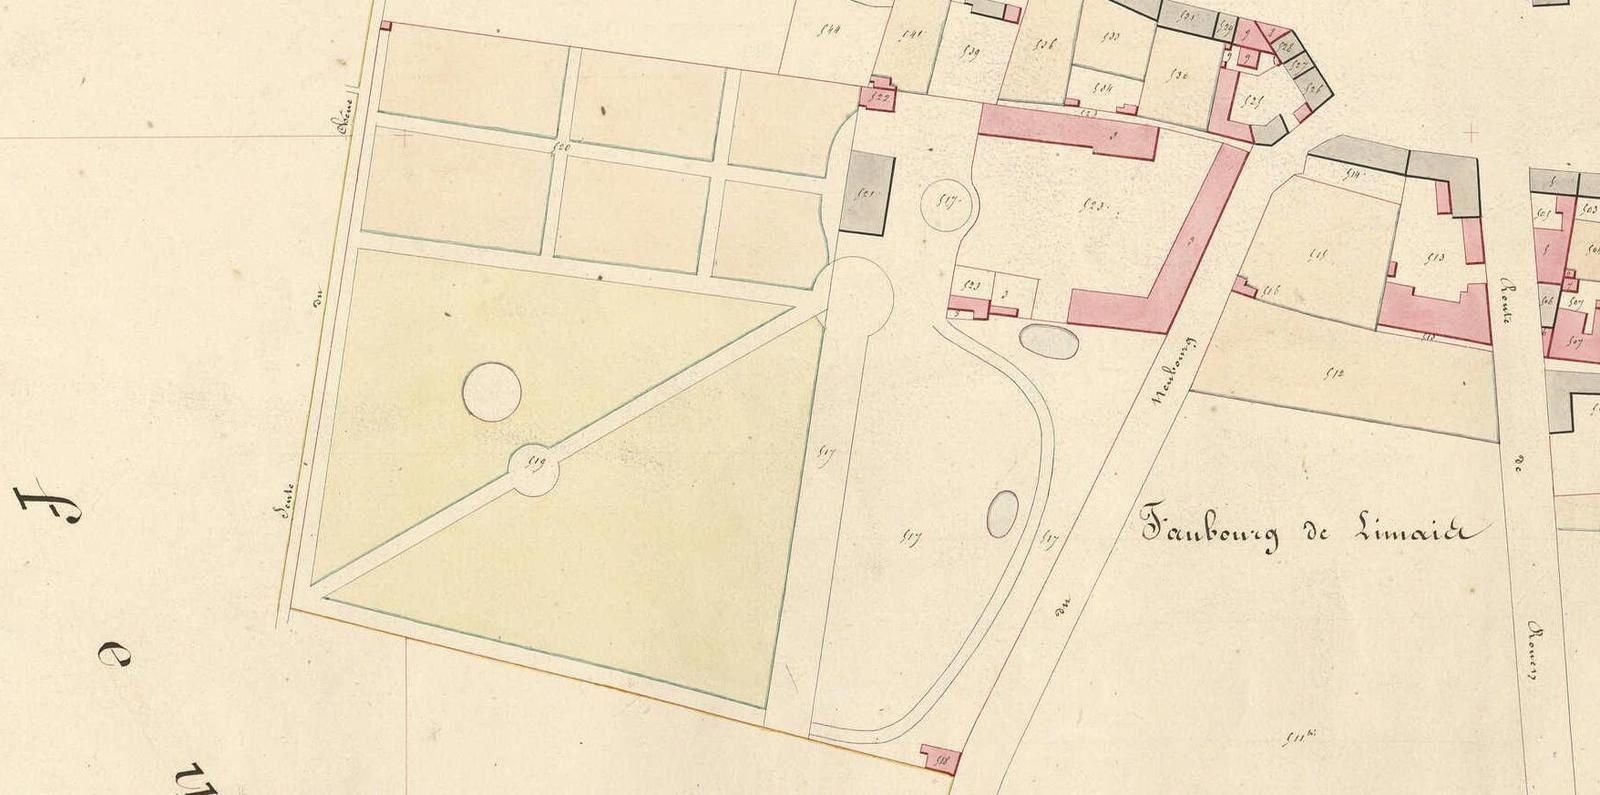 Le cadastre de 1834 montre nettement le Château du Centre de loisirs. La maison du concierge n'était pas encore bâtie et doit être contemporaines des remaniements du Château au XIXe siècle (Archives départementales de l'Eure).